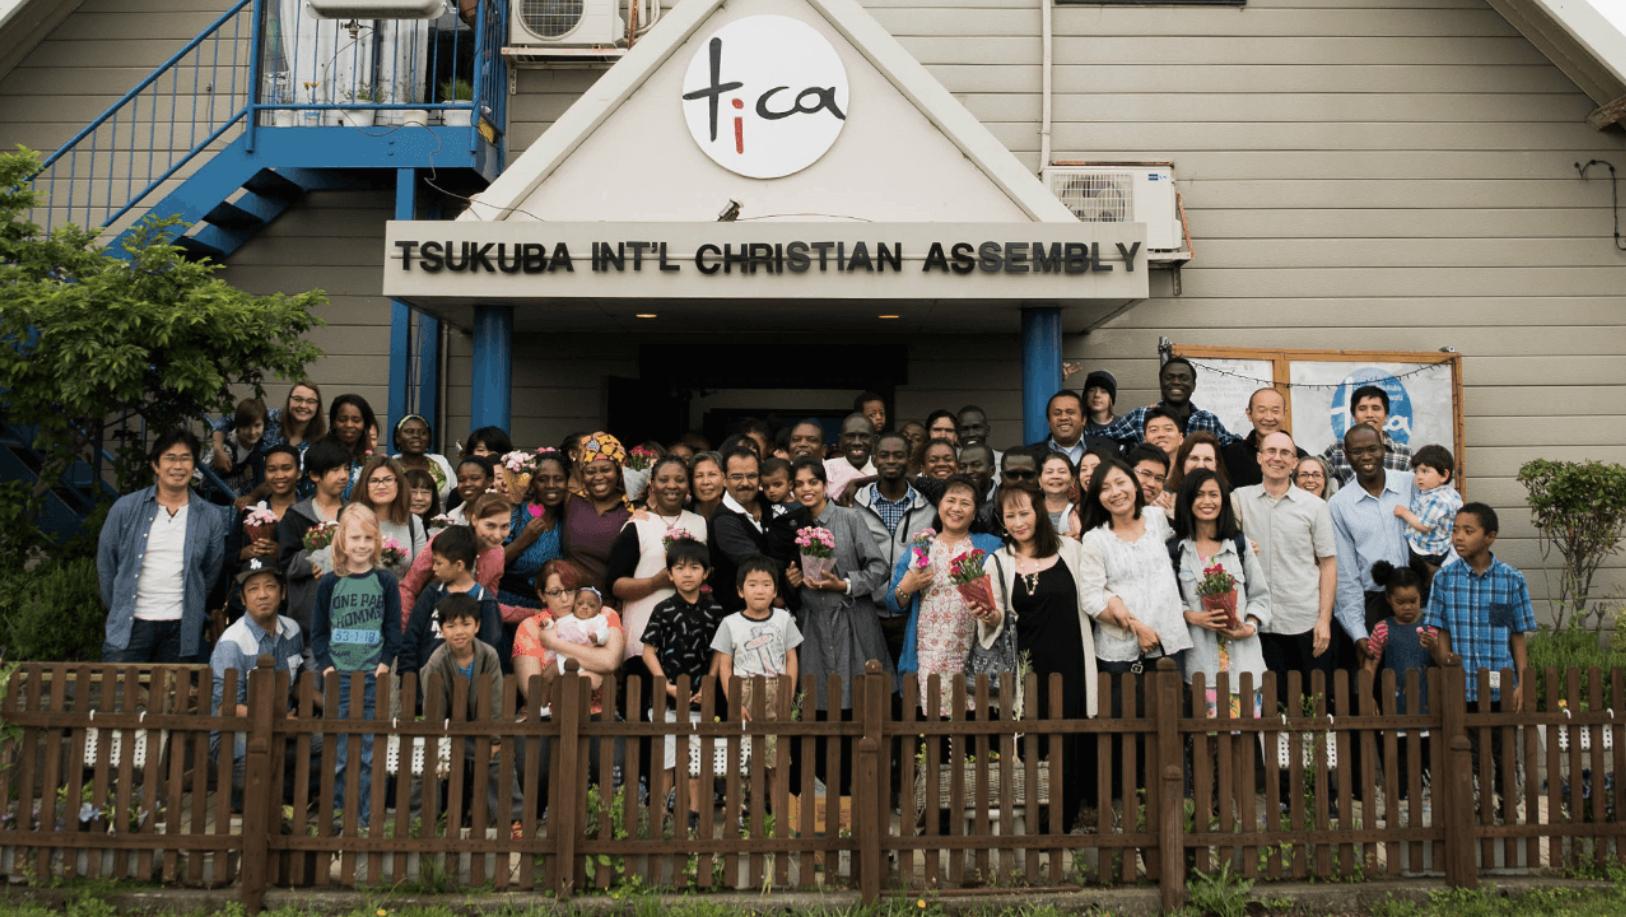 Tsukuba International Christian Assembly